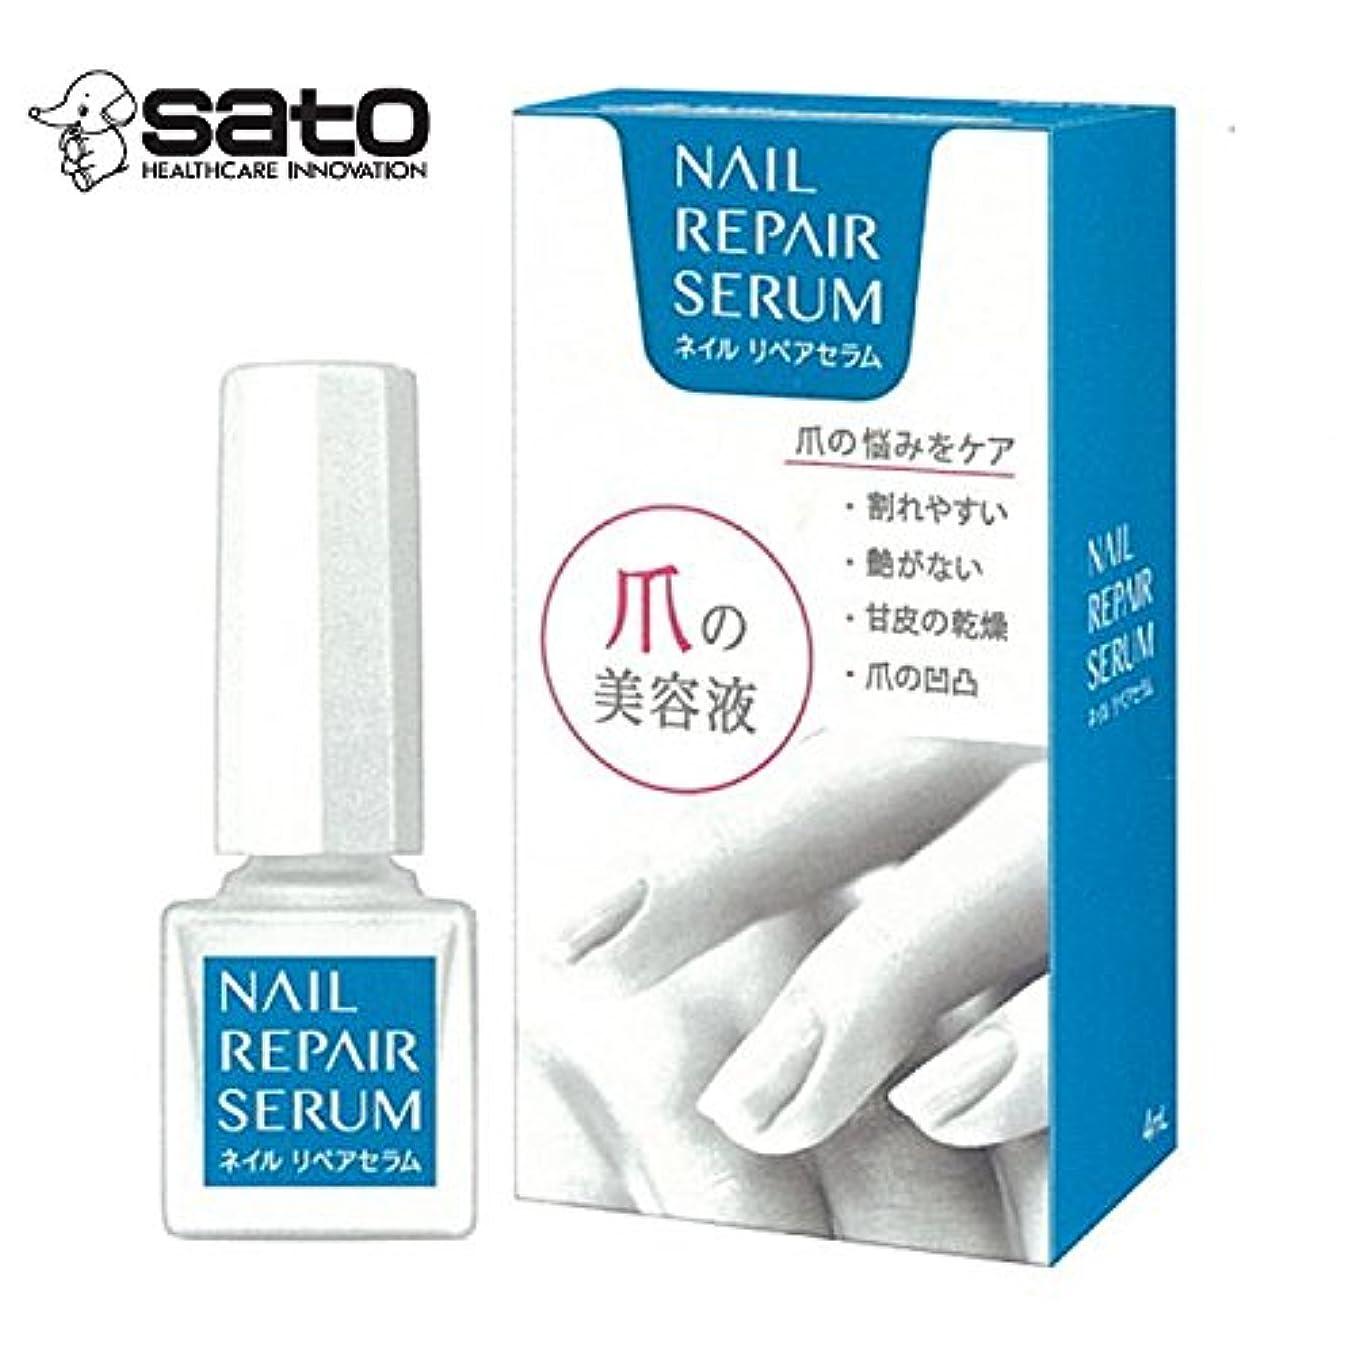 【佐藤製薬】 NAIL REPAIR SERUM (ネイルリペアセラム) 4ml